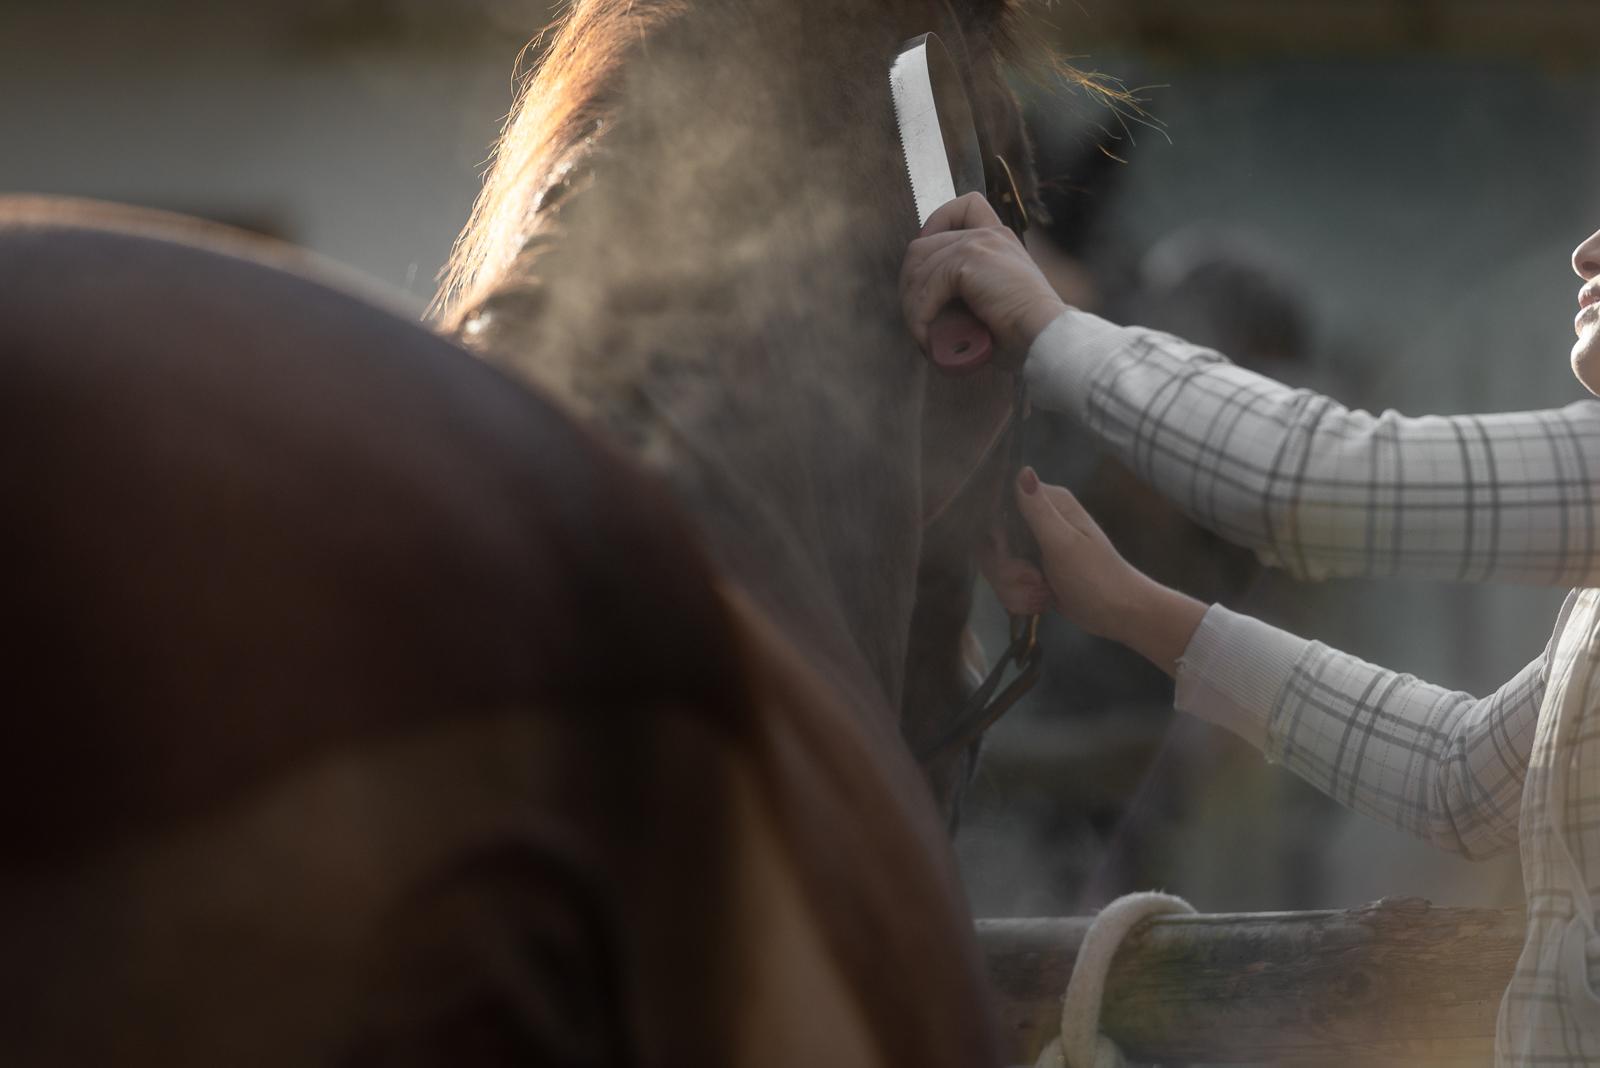 Authentische Pferdefotografie | Pferd putzen Gegenlicht Staub | Sarah Koutnik Fotografie | München Krailling | Portfolio